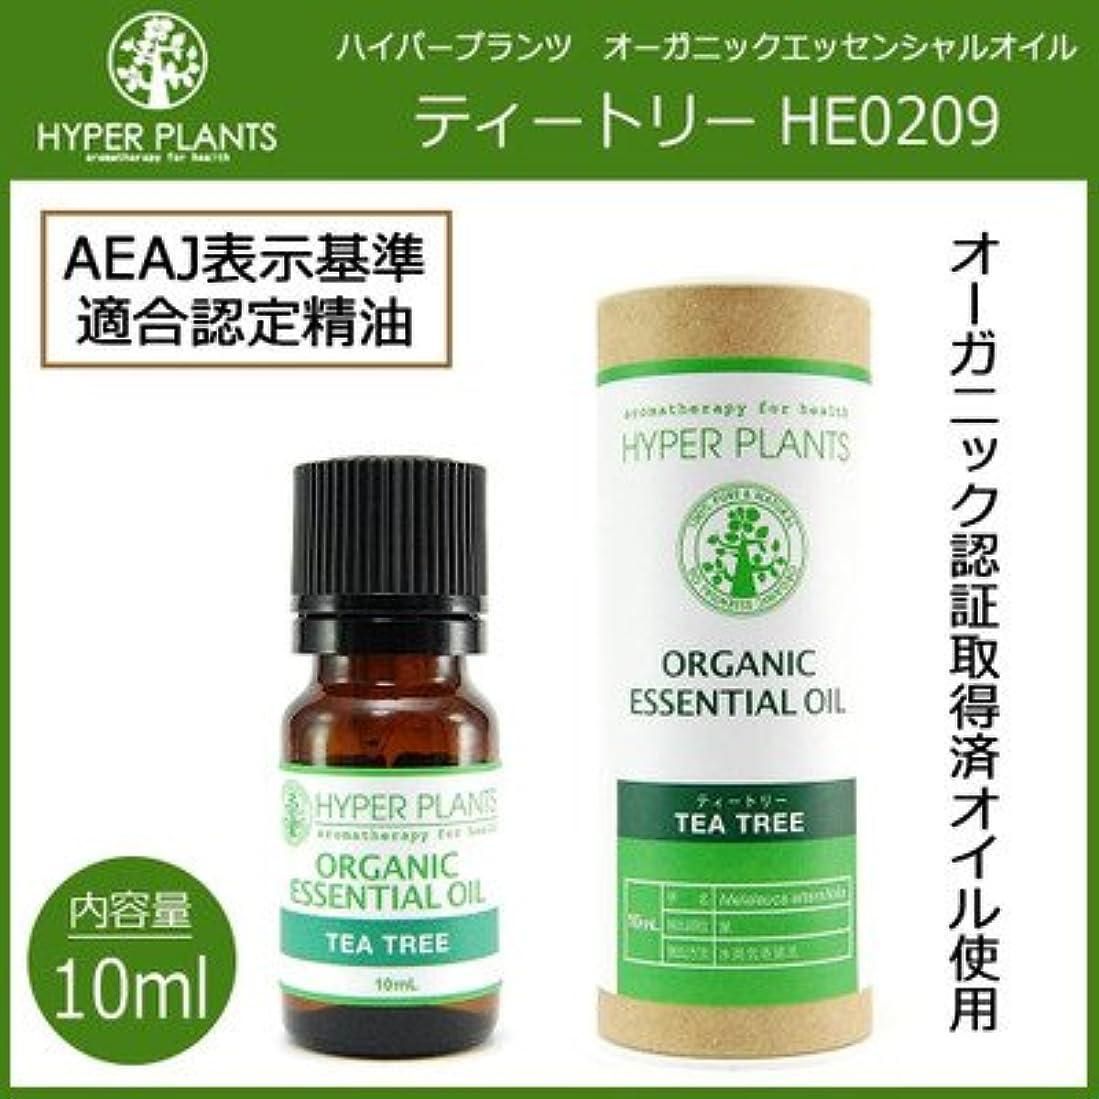 言語能力治す毎日の生活にアロマの香りを HYPER PLANTS ハイパープランツ オーガニックエッセンシャルオイル ティートリー 10ml HE0209